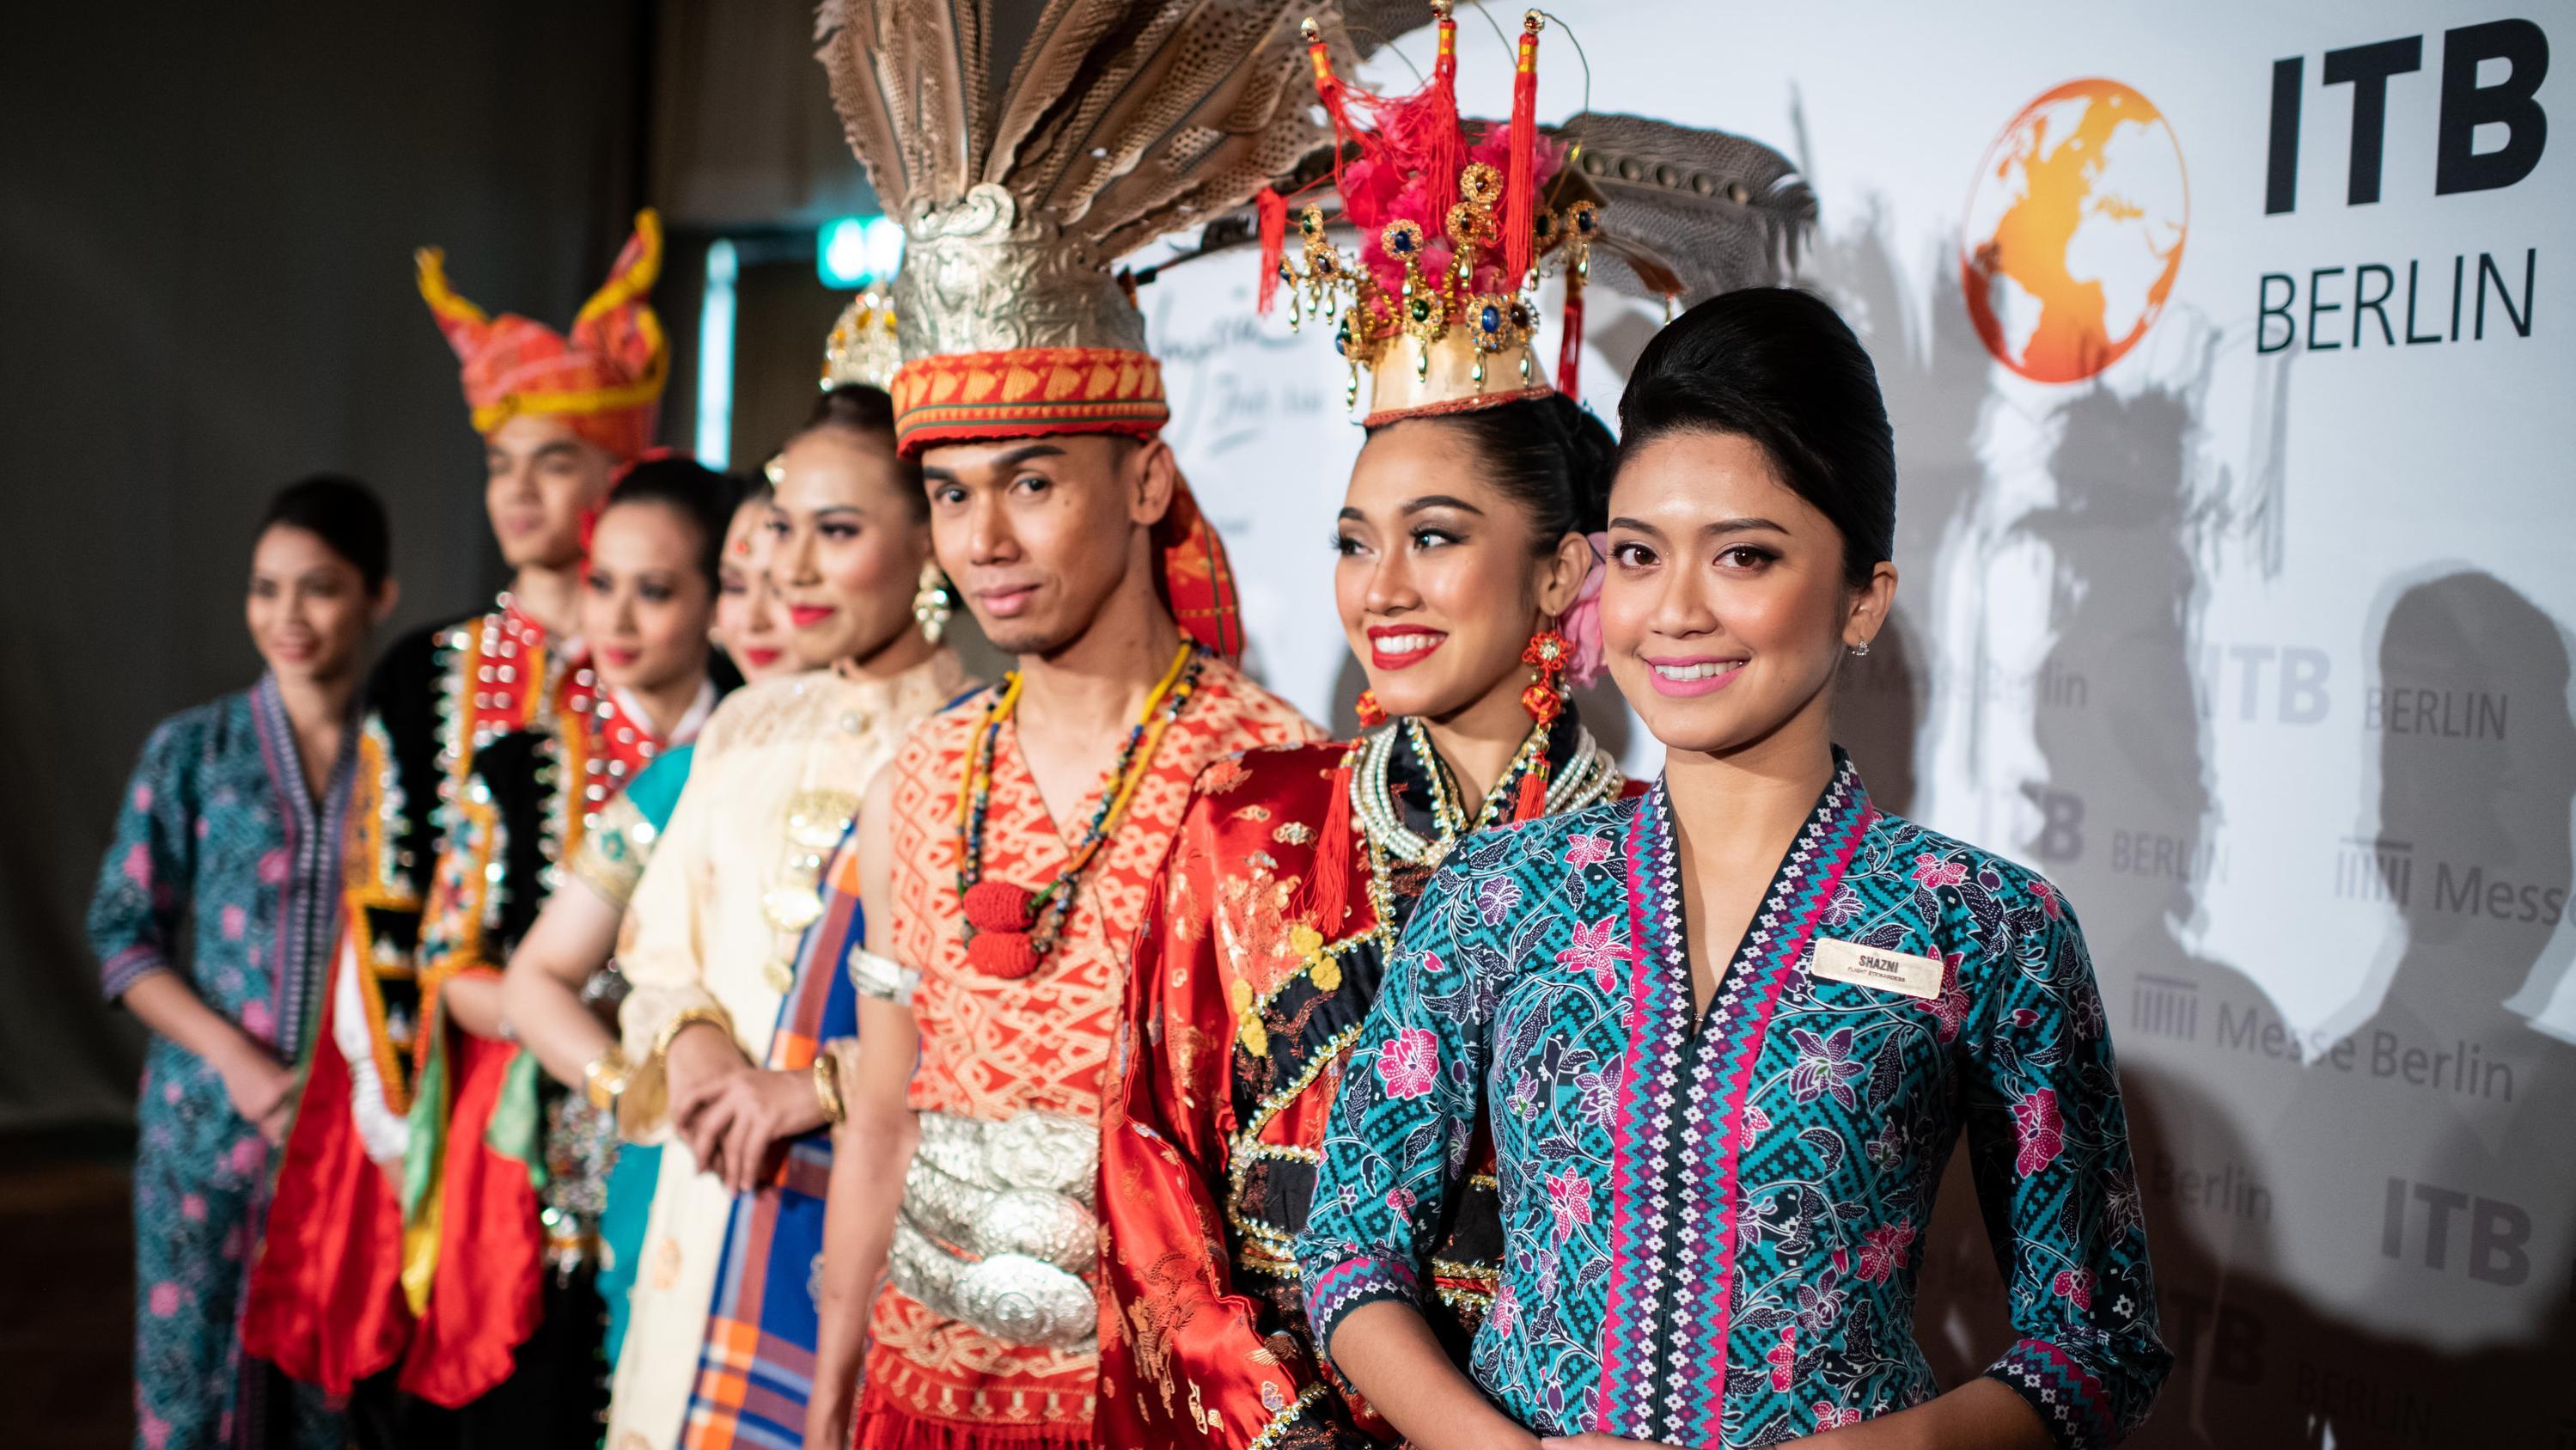 Eine traditionell gekleidete Gruppe aus Malaysia auf der Eröffnungspressekonferenz